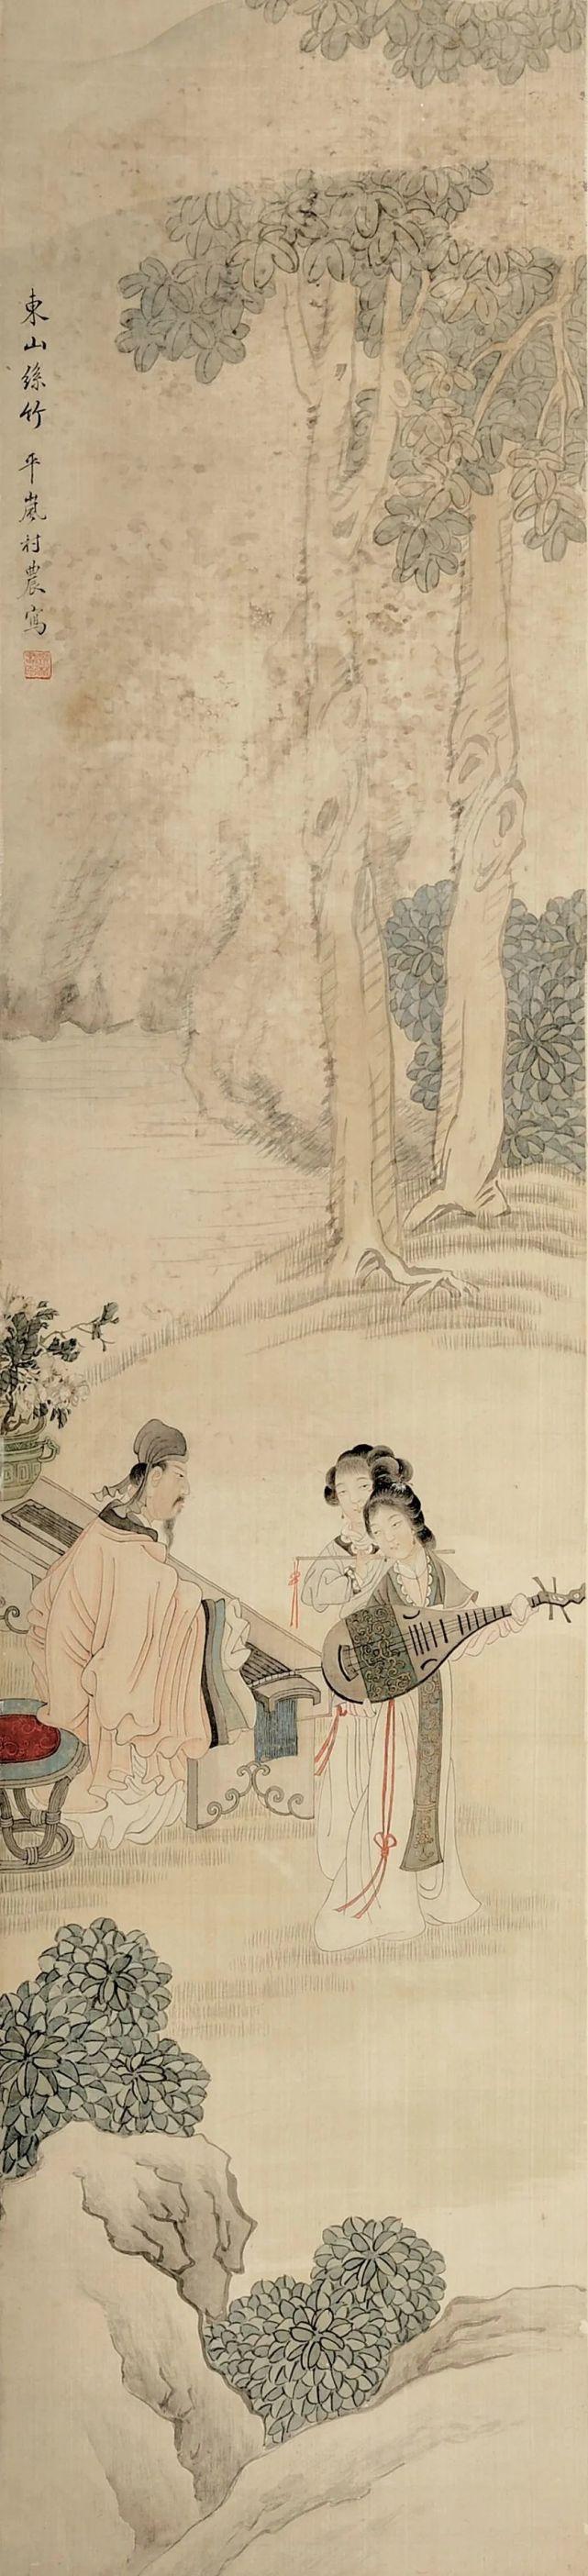 馆藏珍品丨台海遗墨系列(14):清末民初 郑煦工笔设色人物屏幅